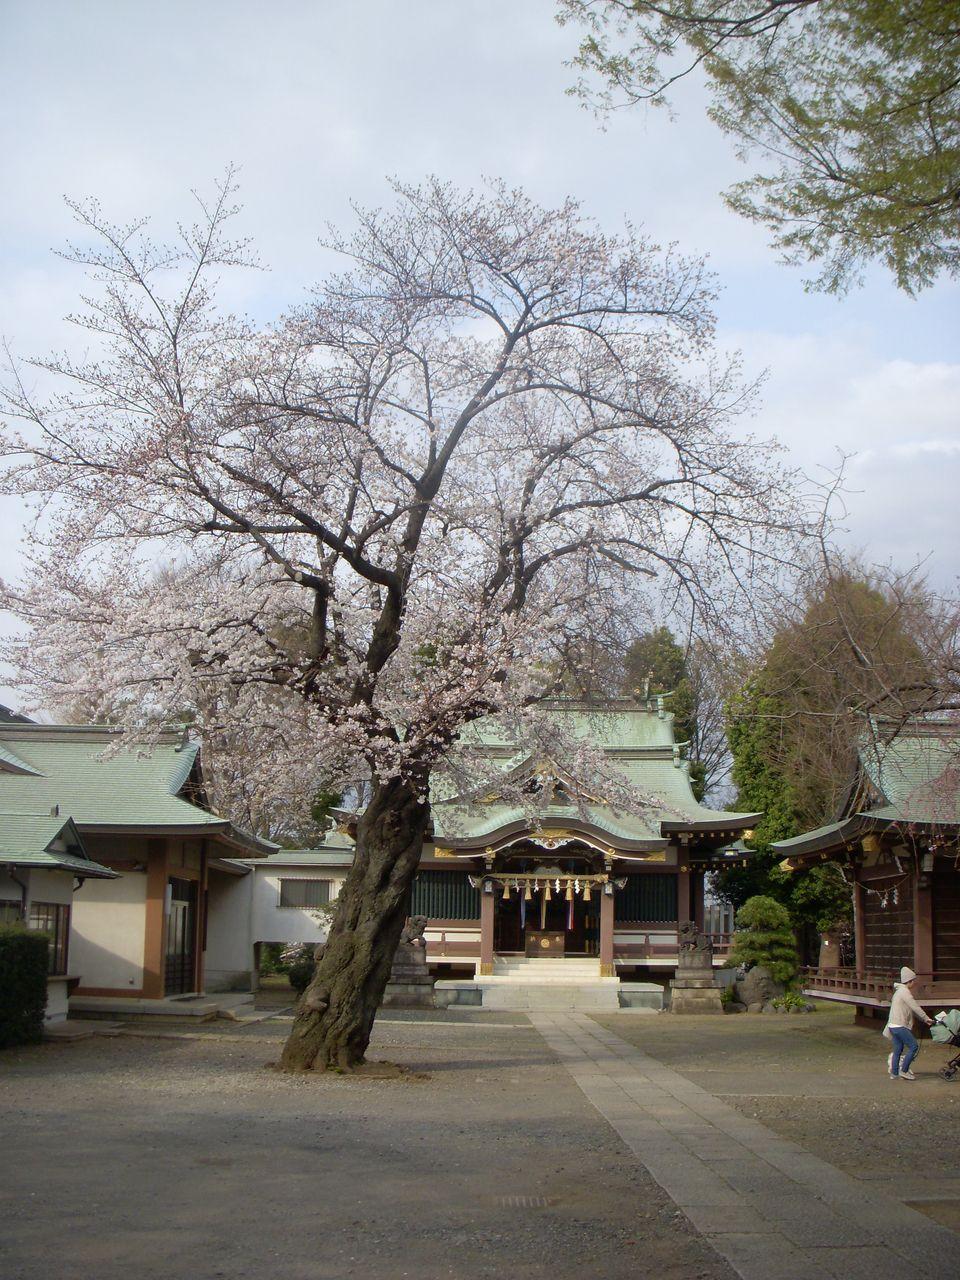 社殿 戦後に鉄筋コンクリートで建て替えられたそうです。旧本殿は本殿内に収められ内神殿となったとのこと。